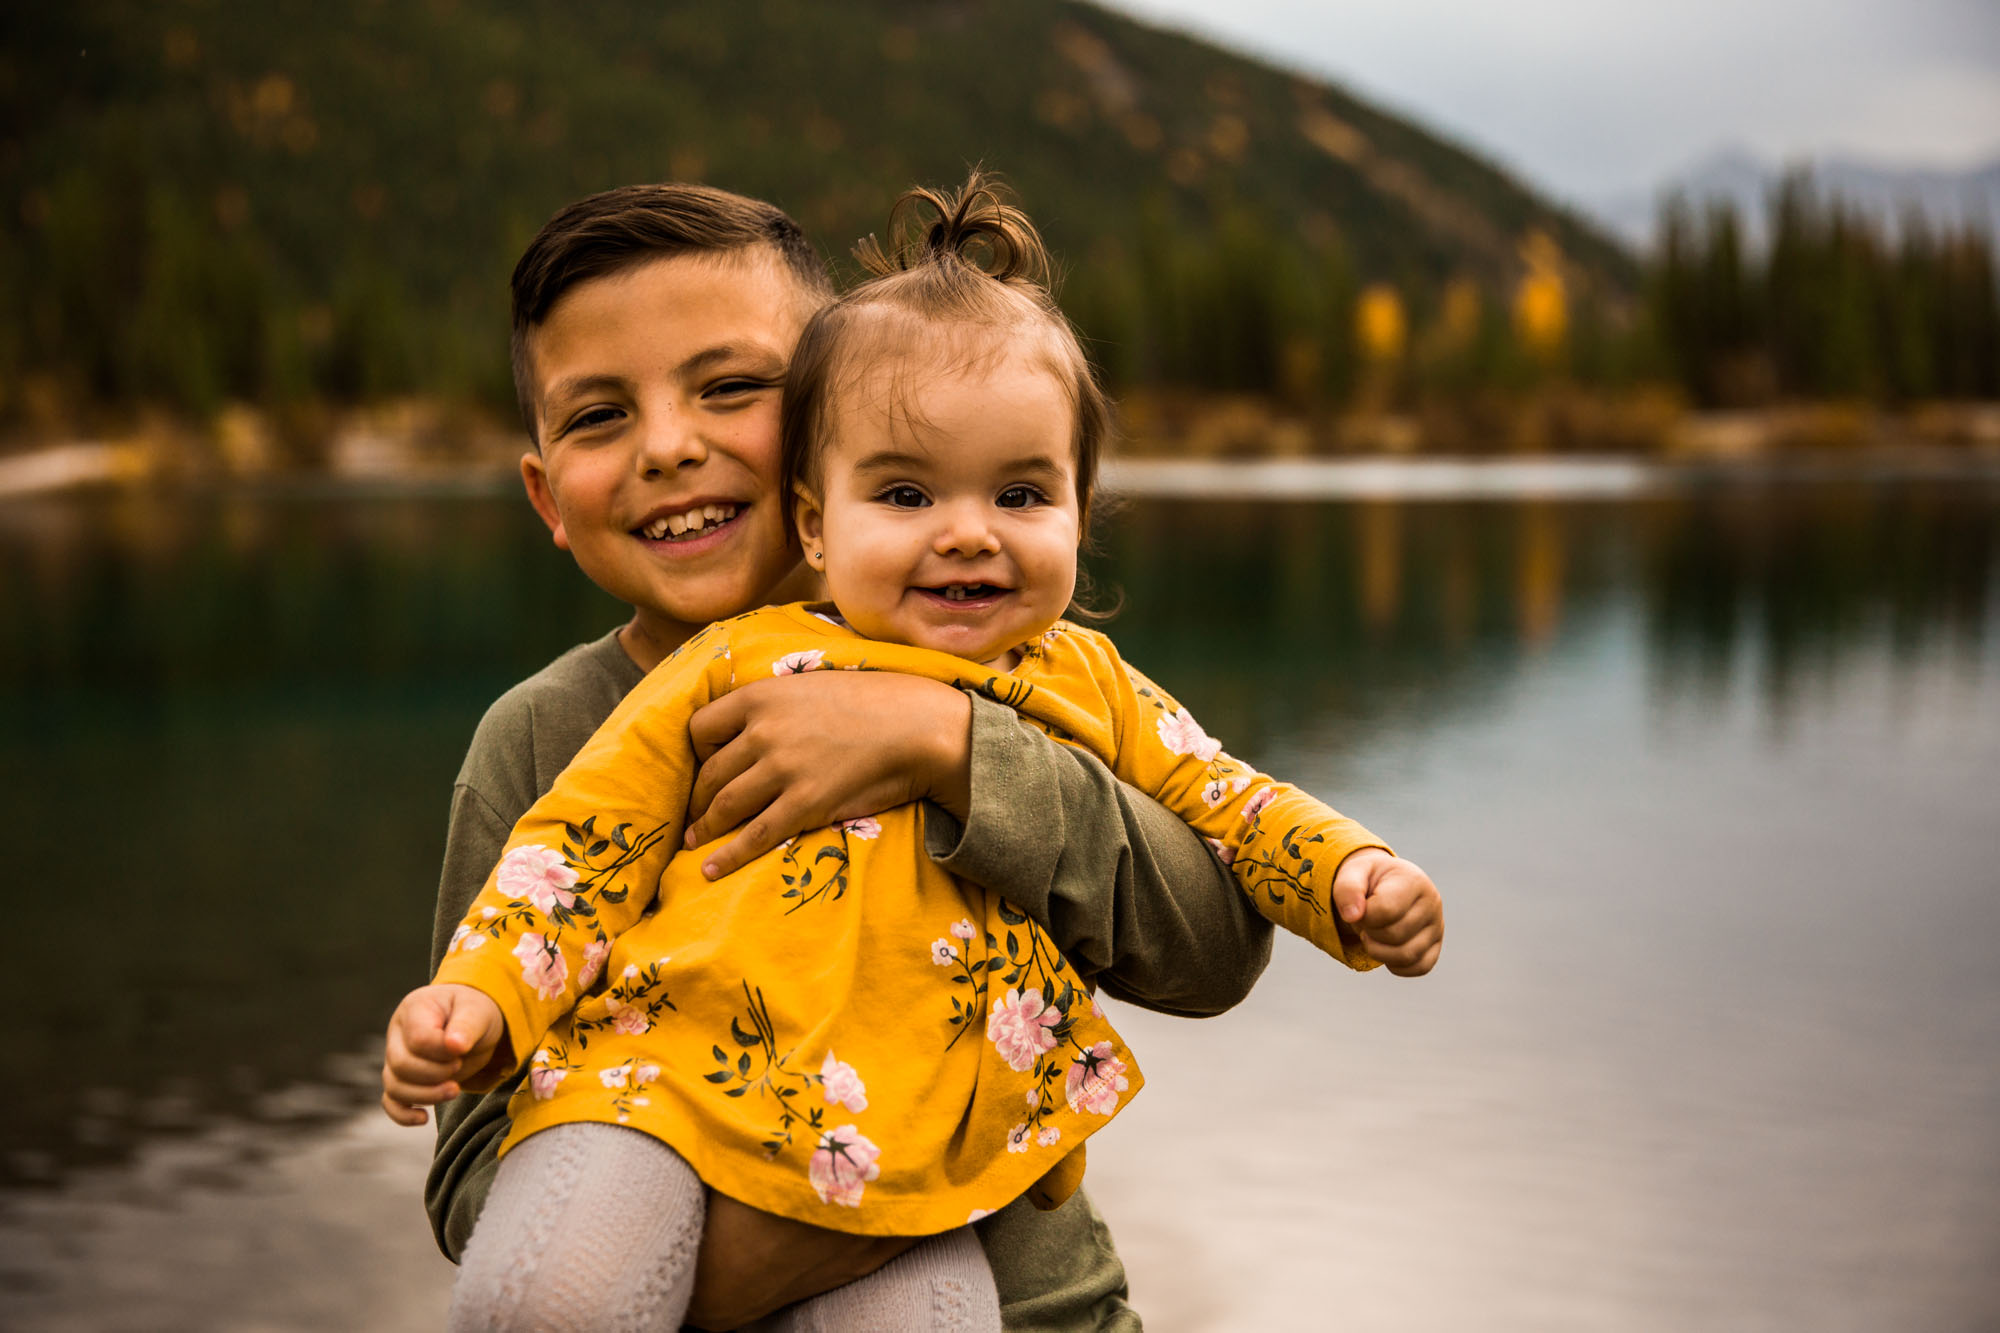 Calgary family photographer - Kananaskis family photography